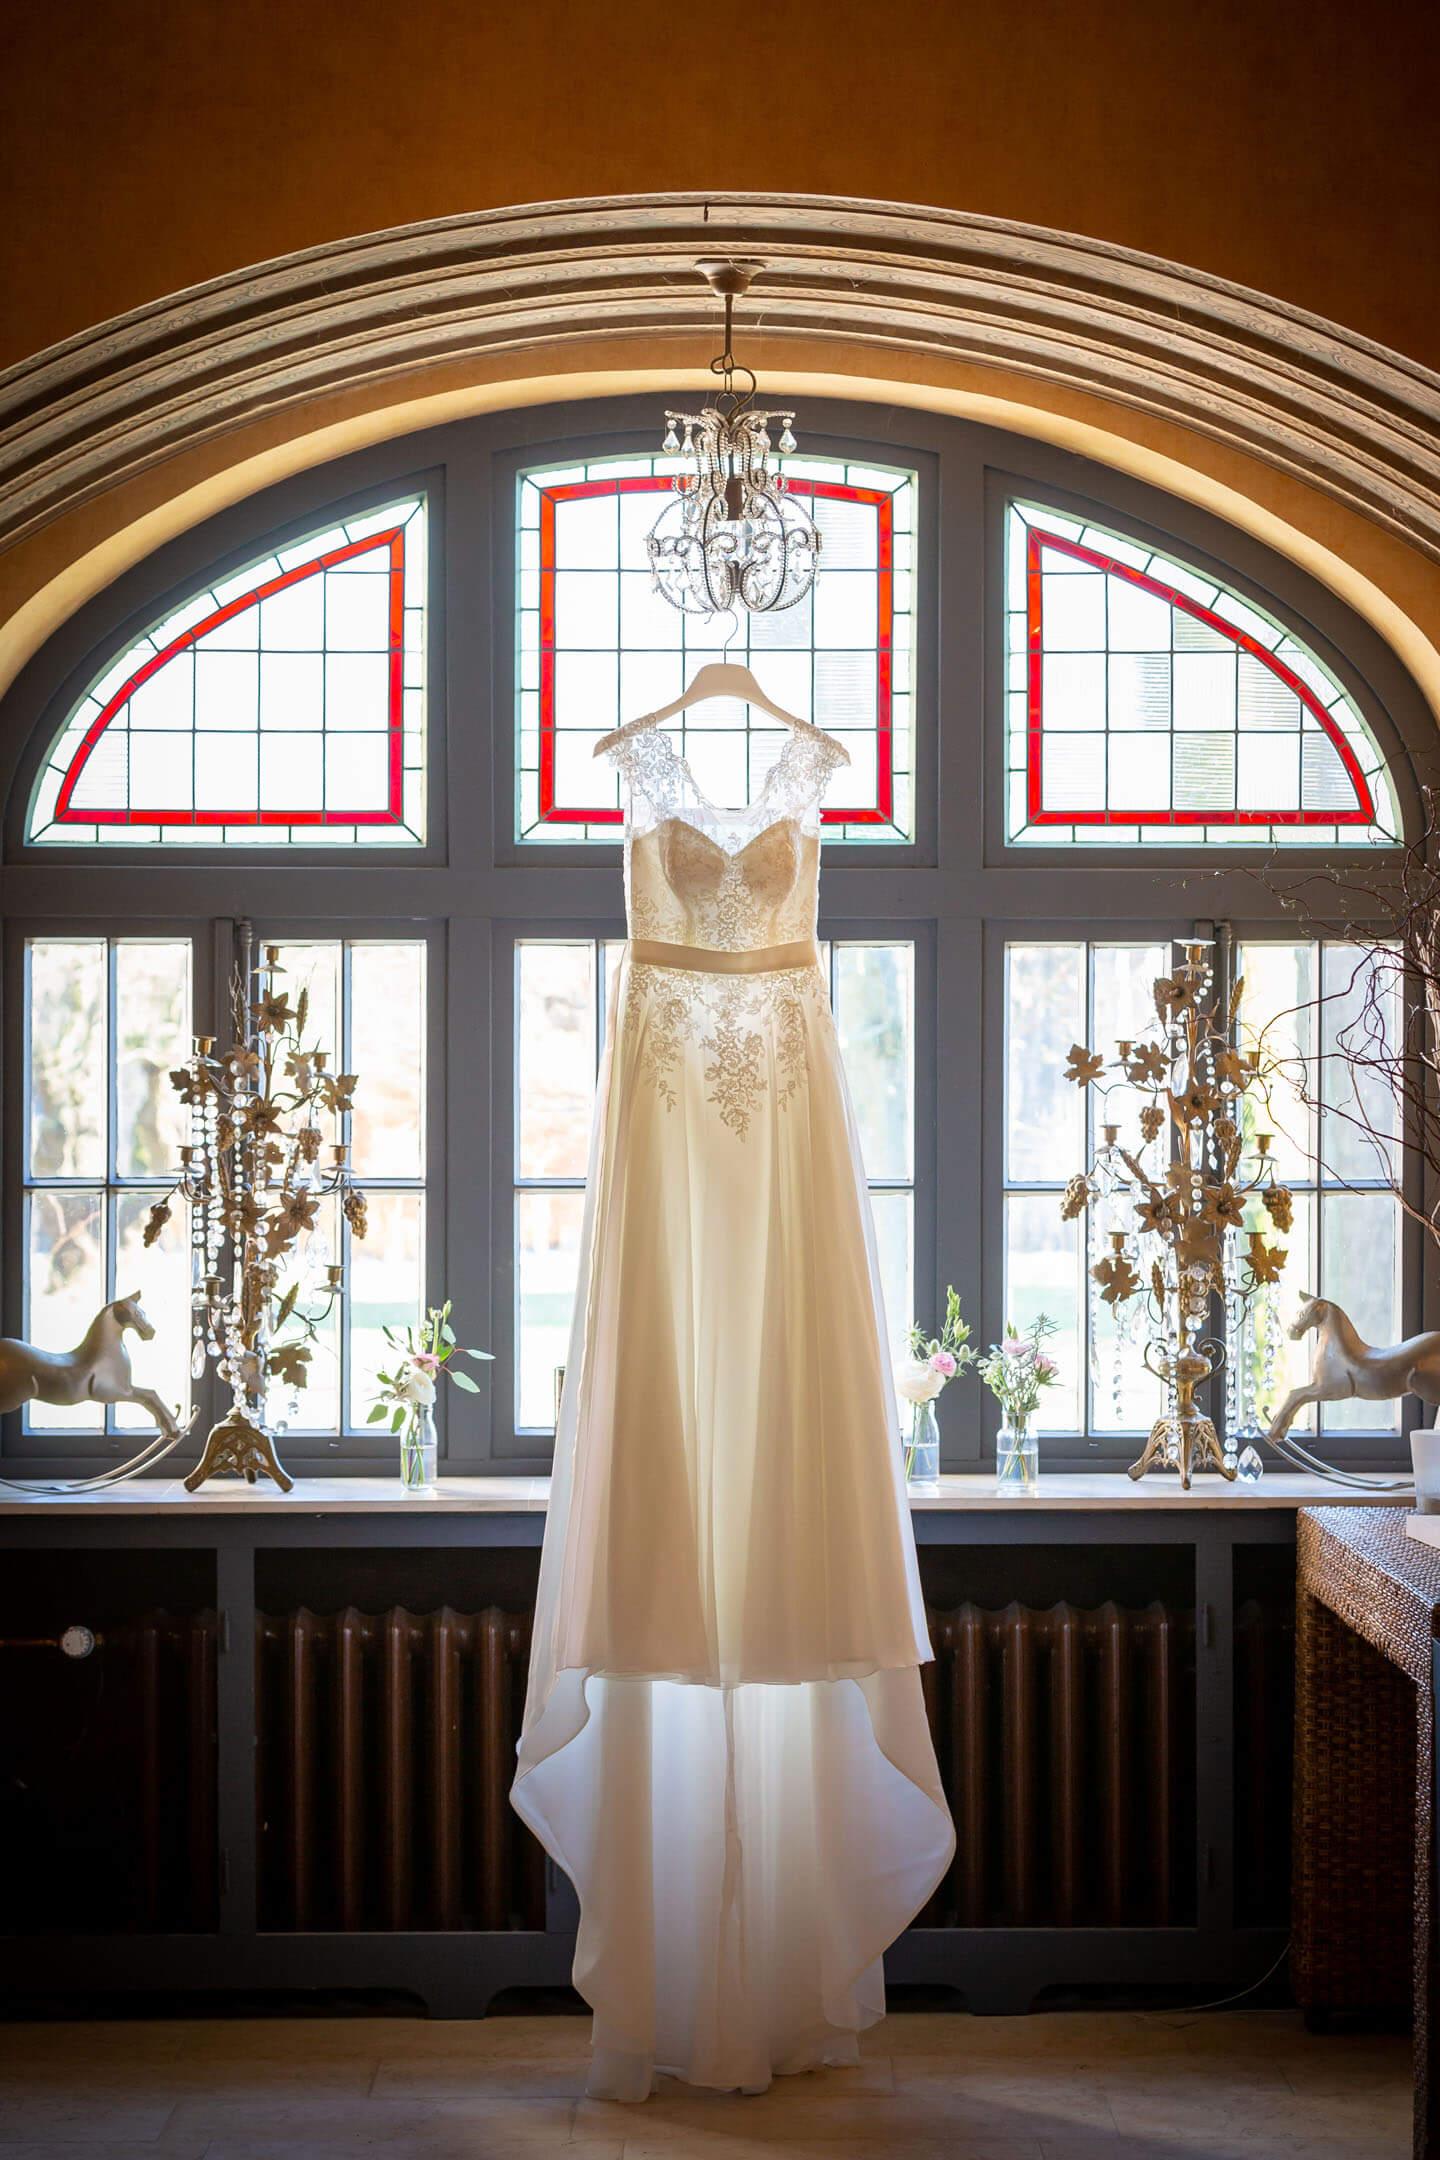 Hochzeitskleid im Gegenlicht